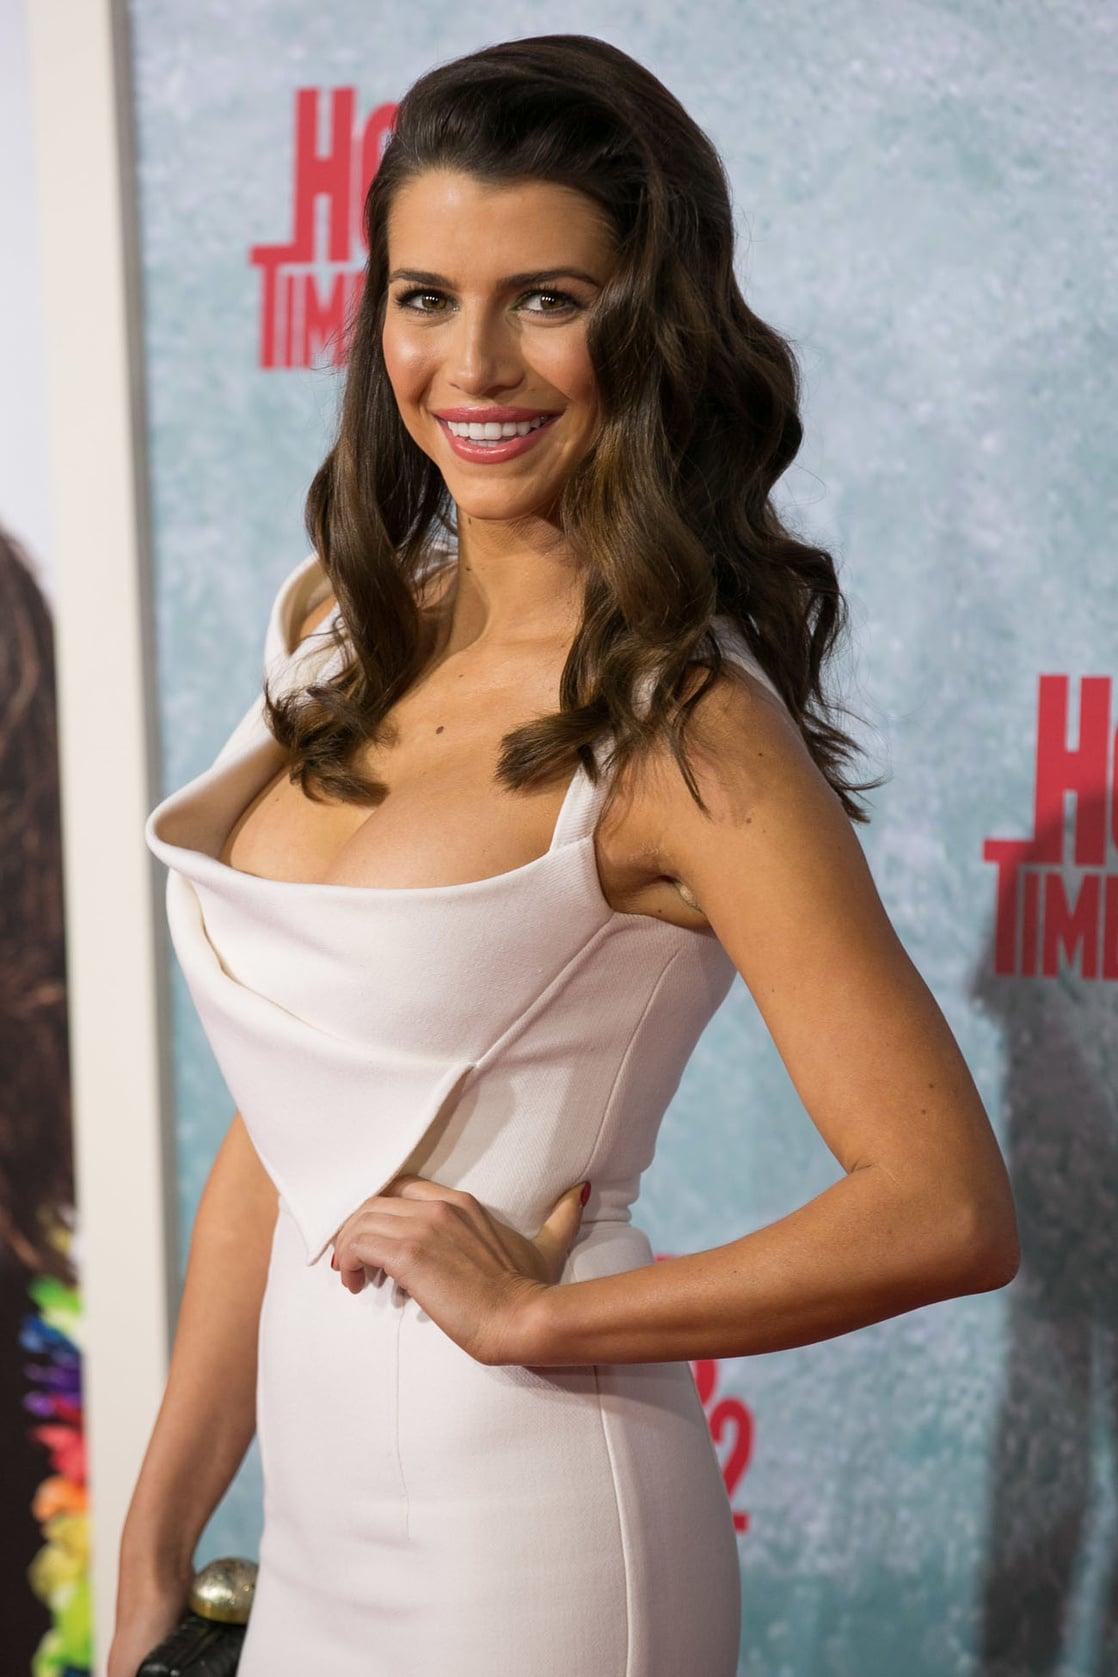 Bianca Haase Nude Photos 8